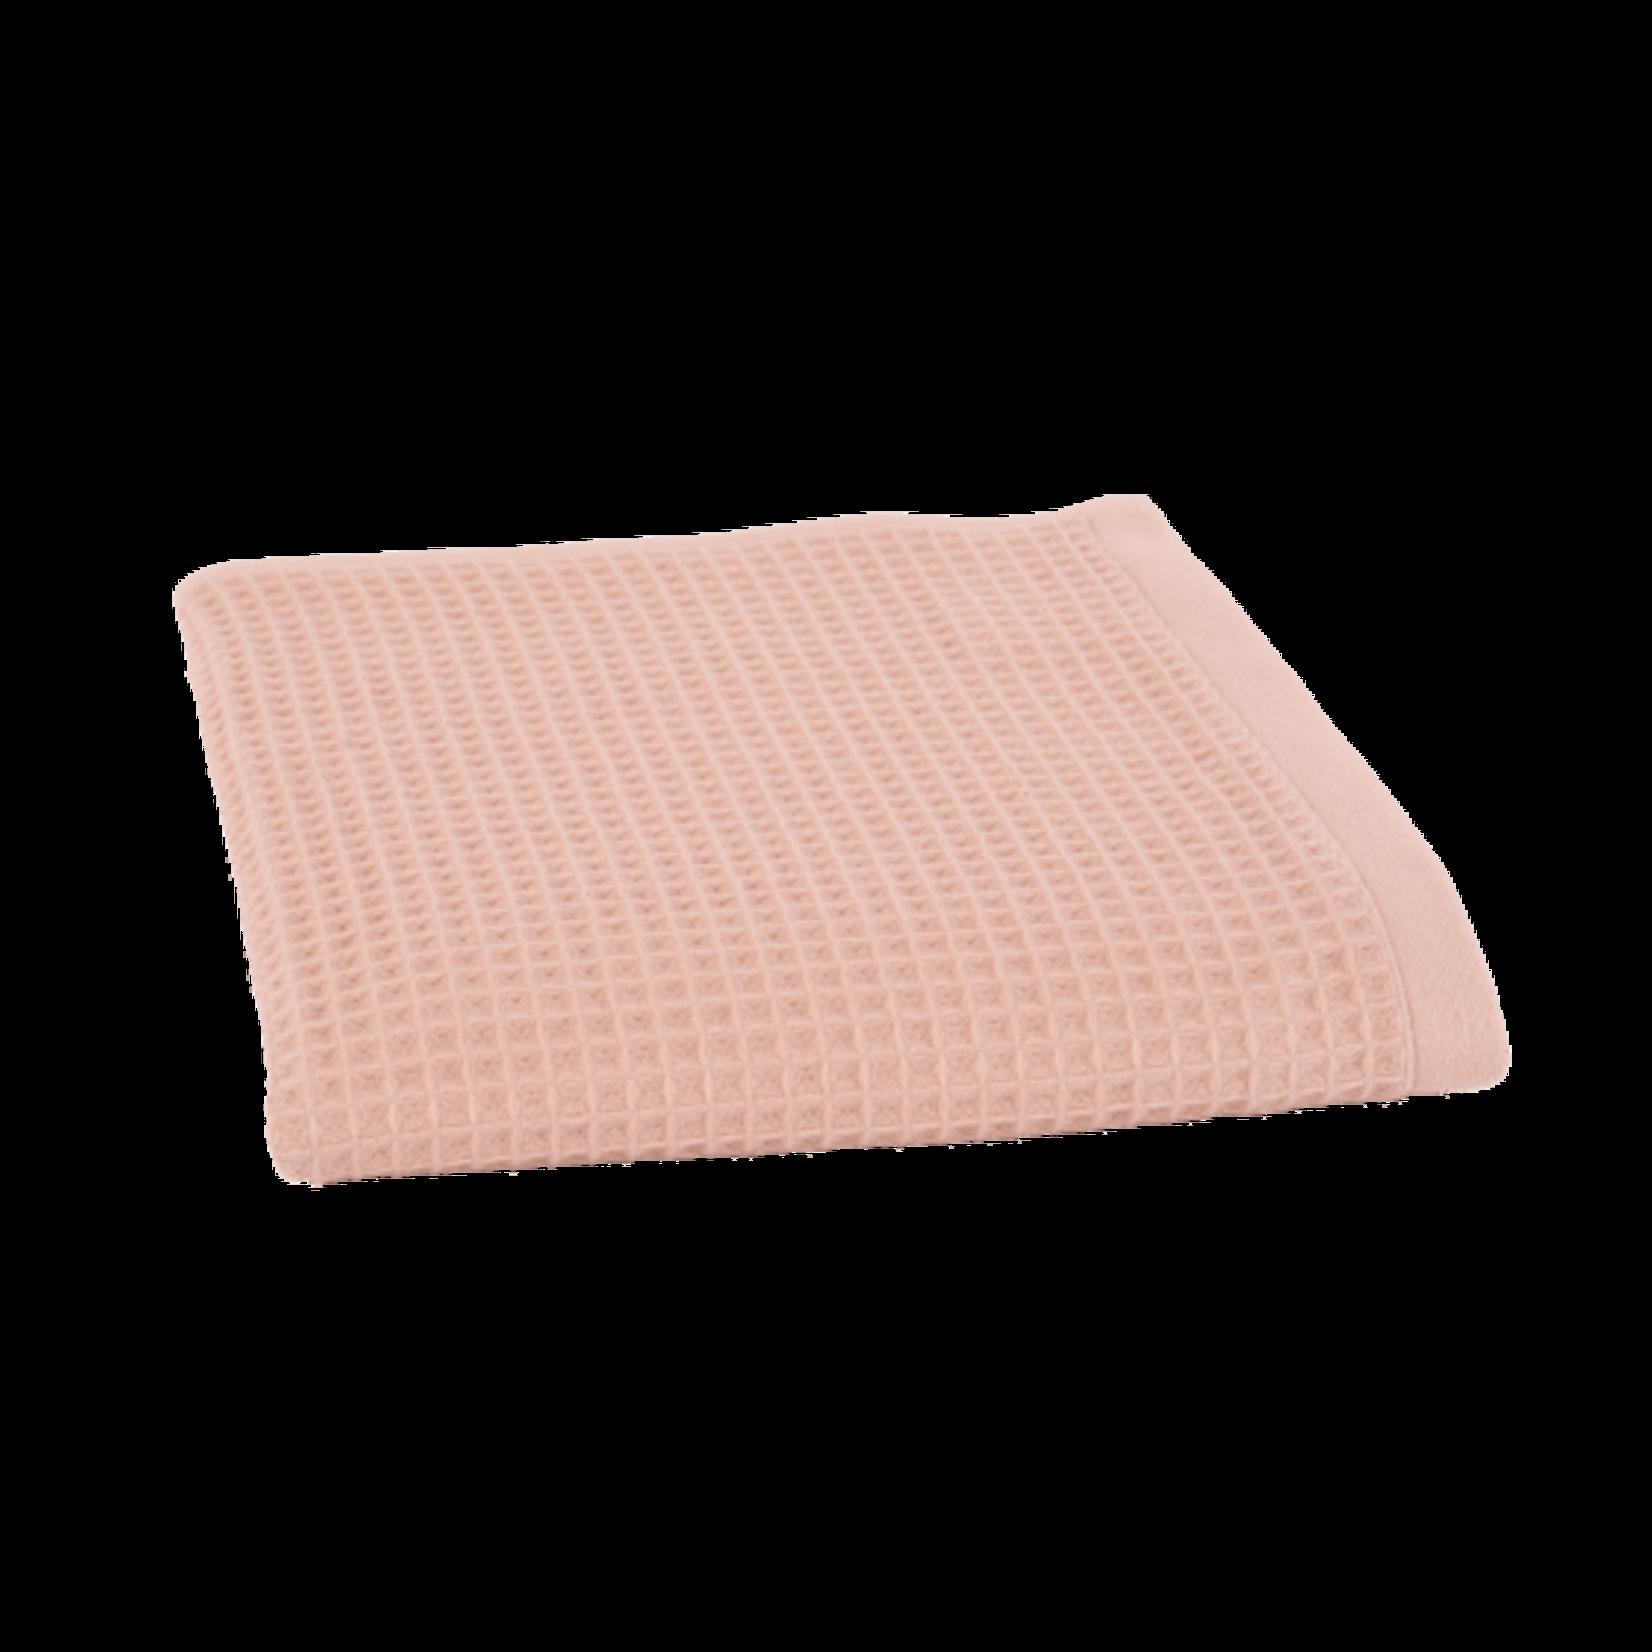 jules Clarysse Suzy handdoek in wafelstof  met naam